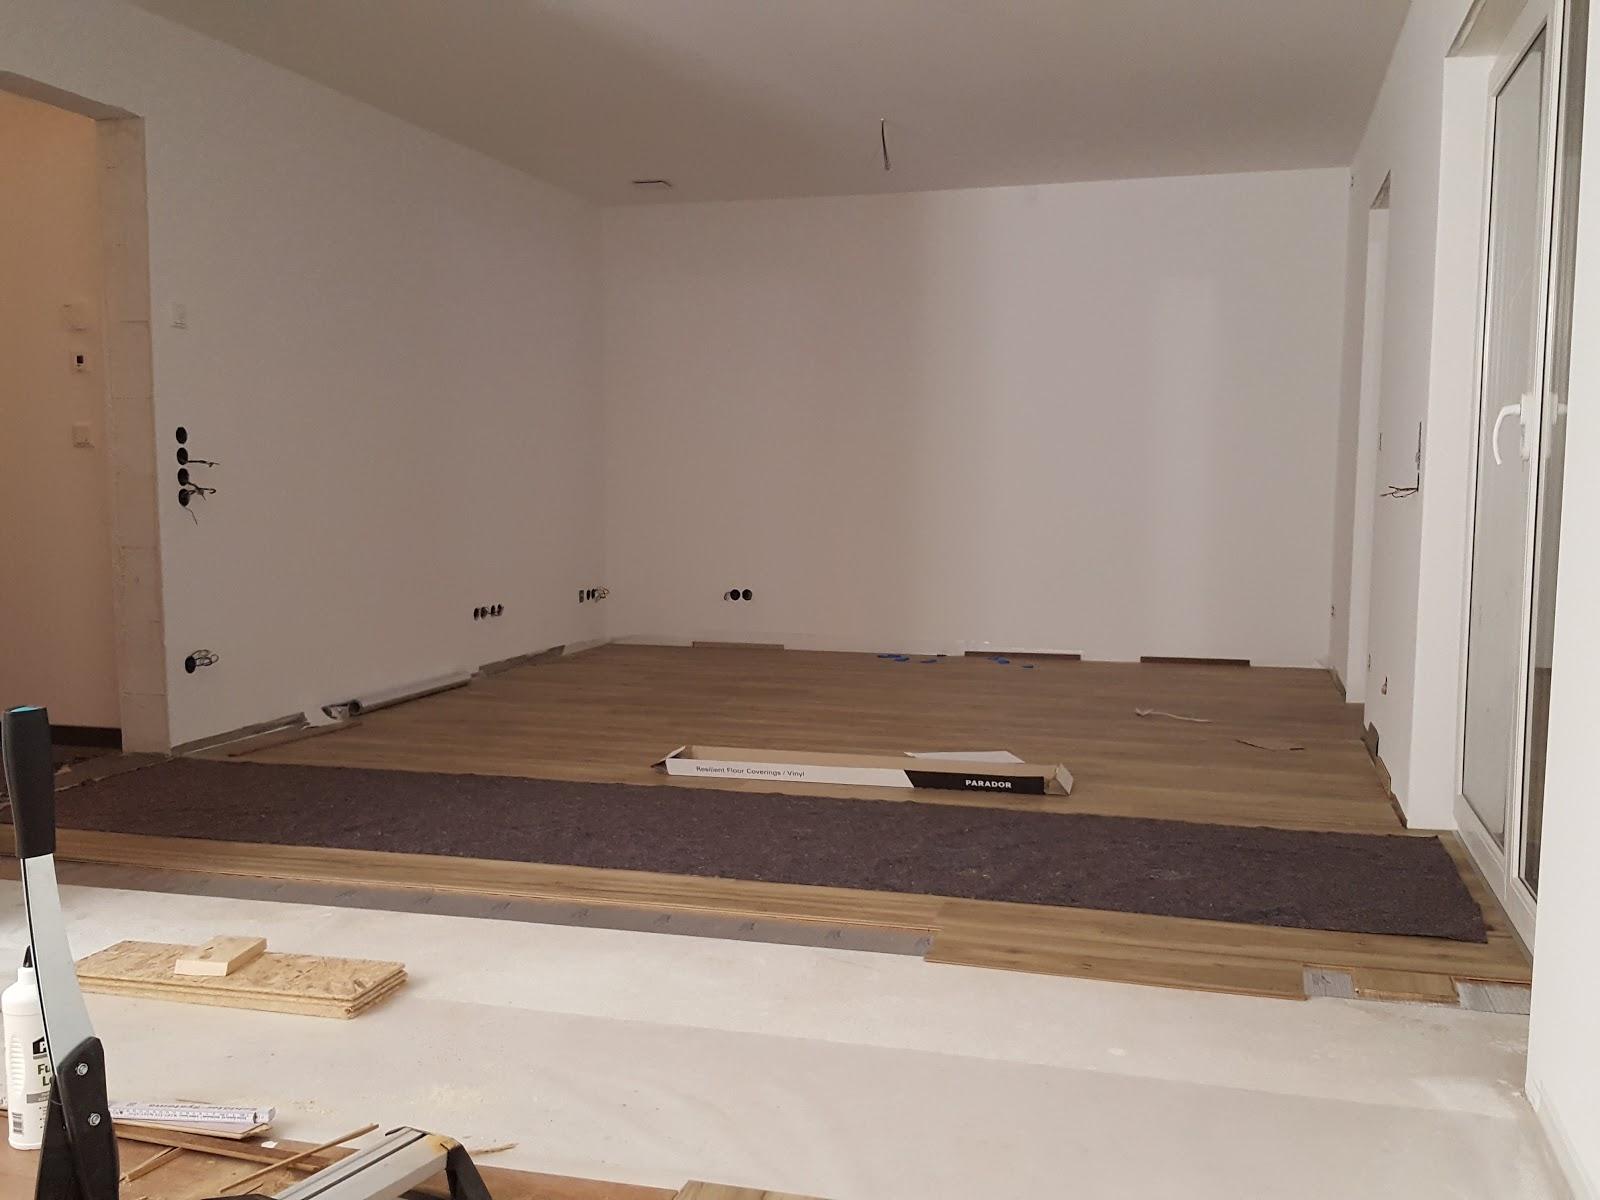 Fußboden Wohnzimmer ~ Hausbau nickern tag fußboden wohnzimmer anstrich